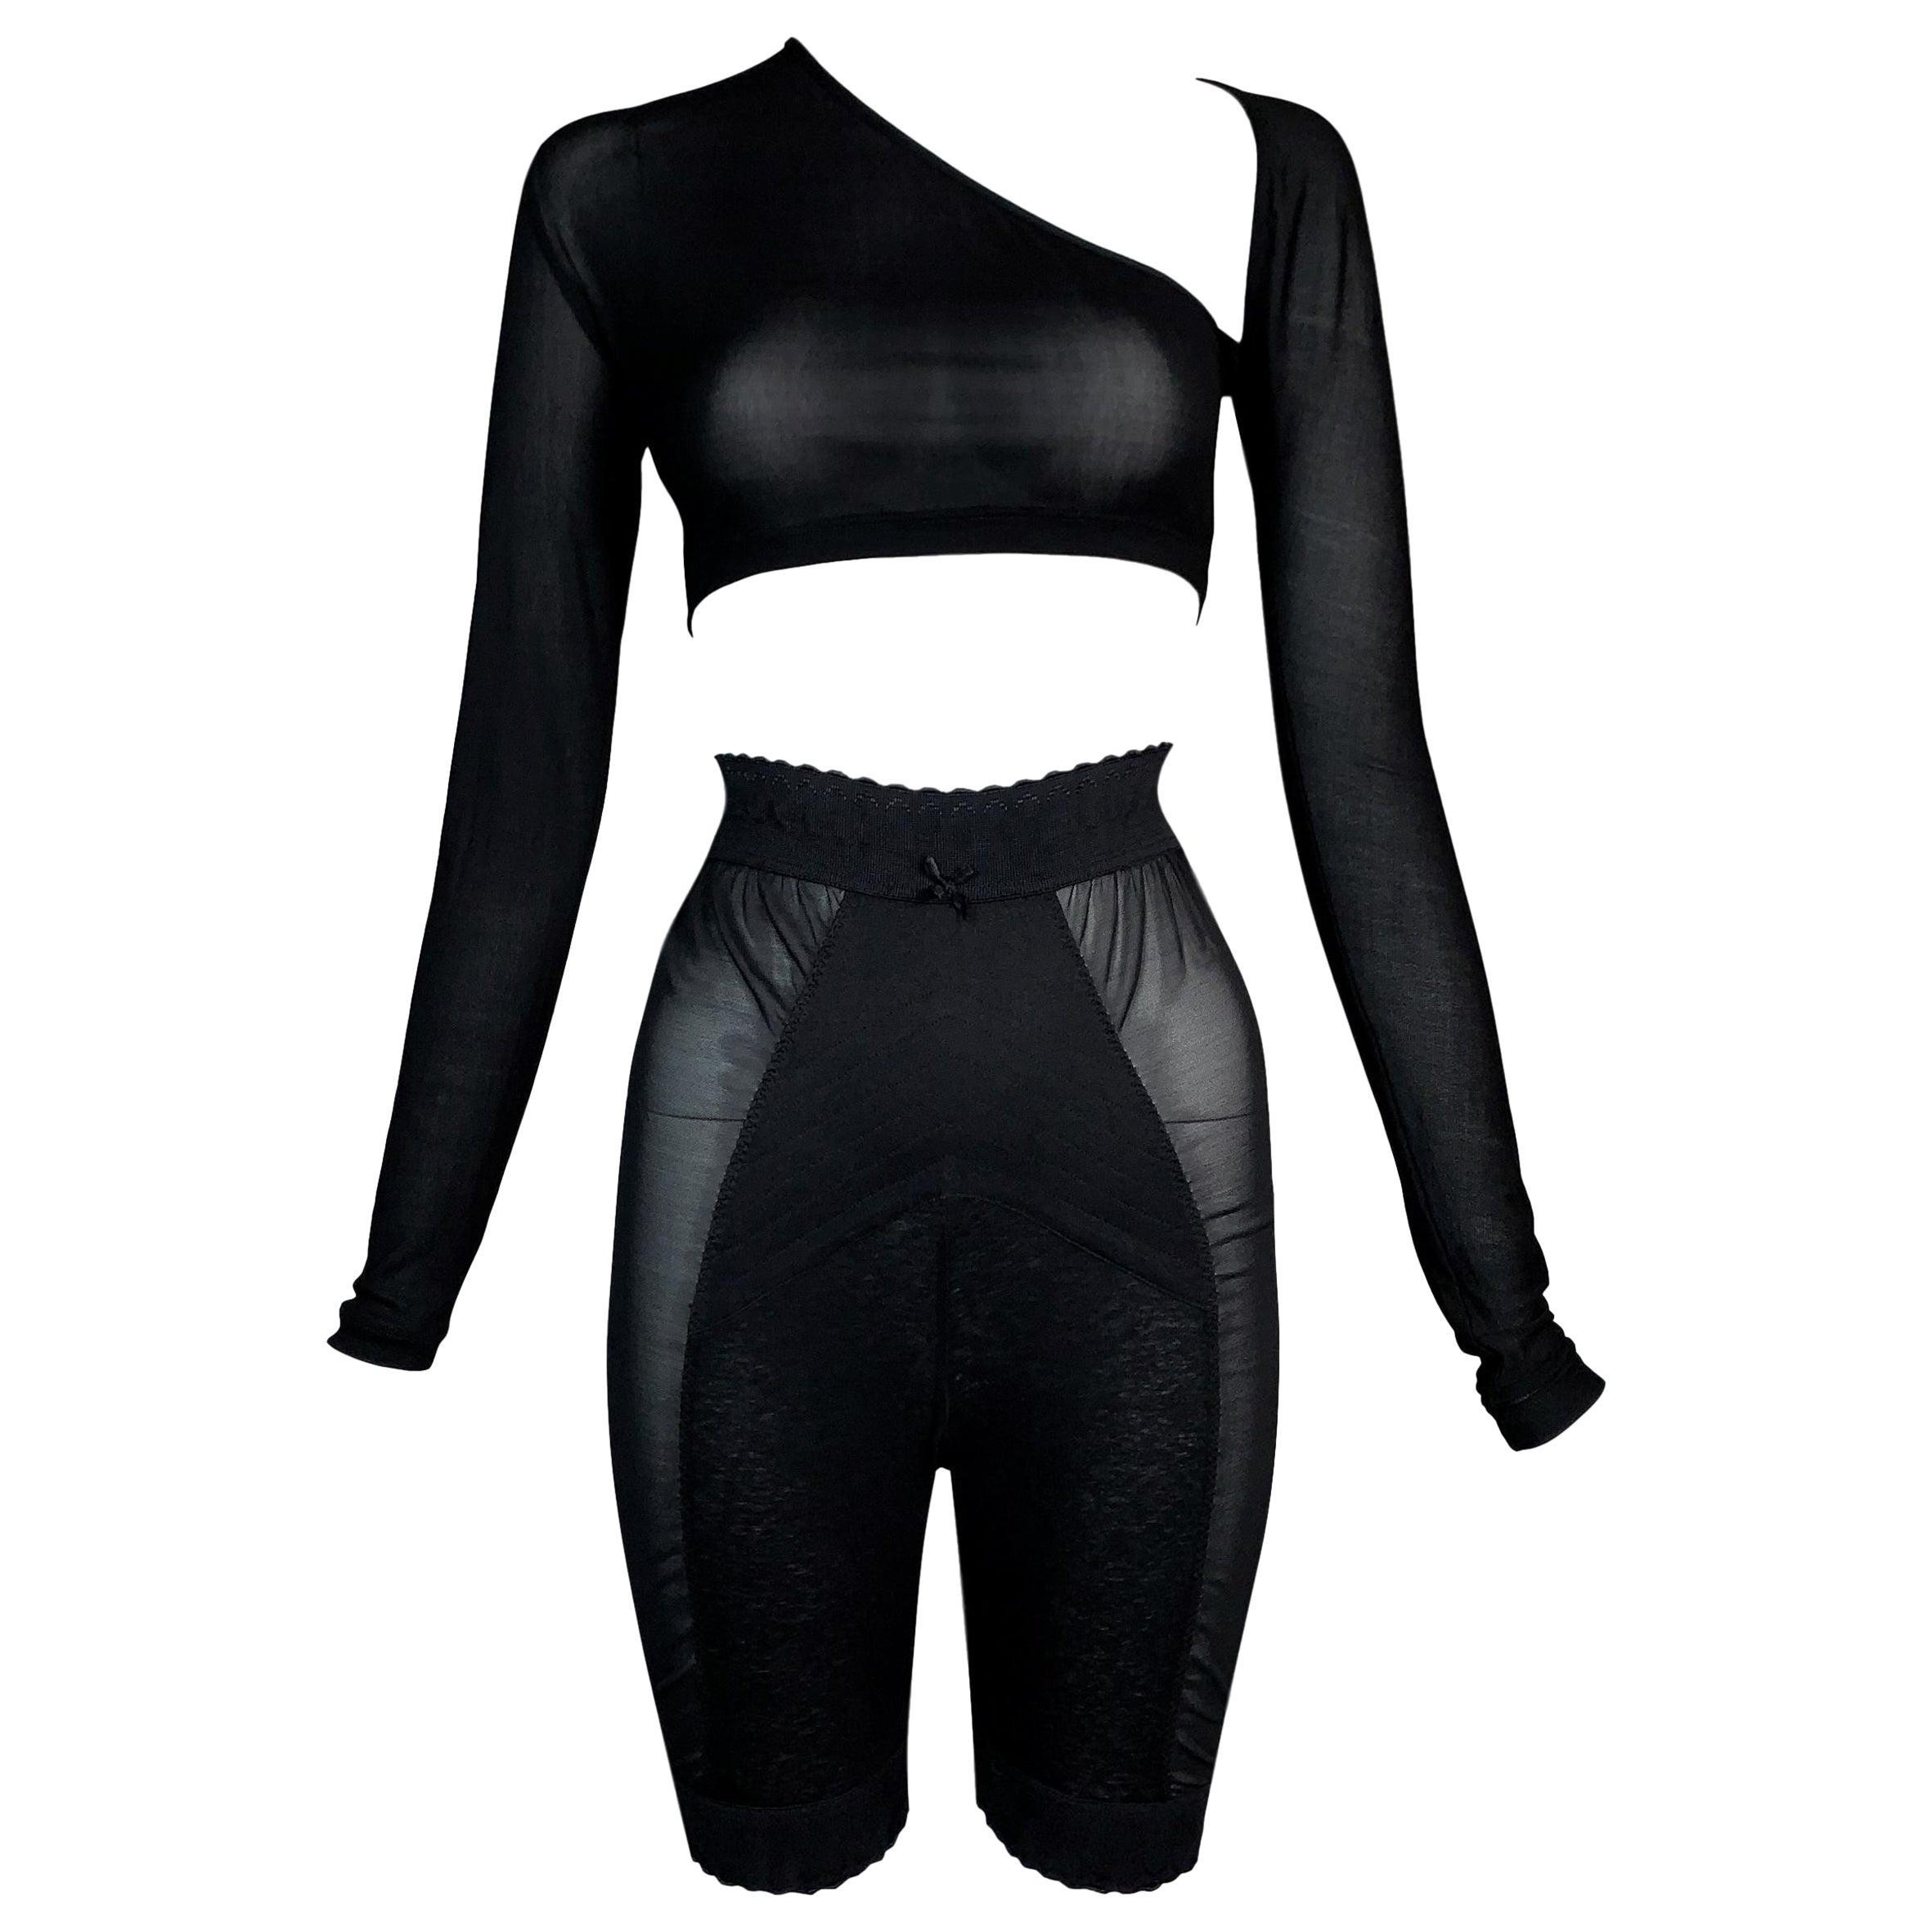 1990's Jean Paul Gaultier Sheer Black Crop Top & High Waist Pin-Up Shorts